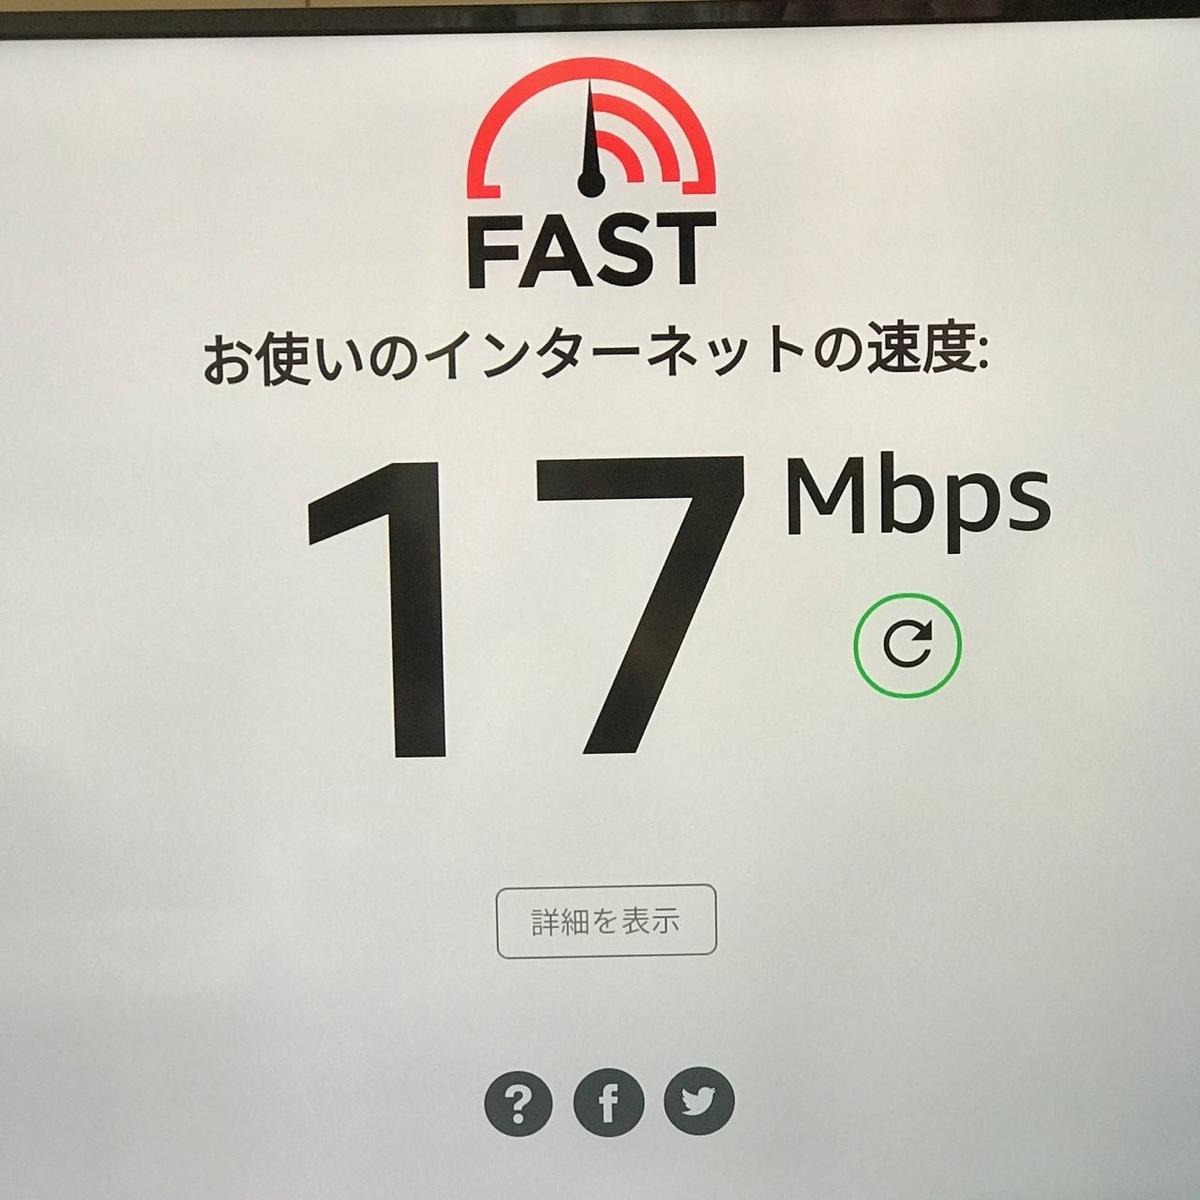 17Mbps